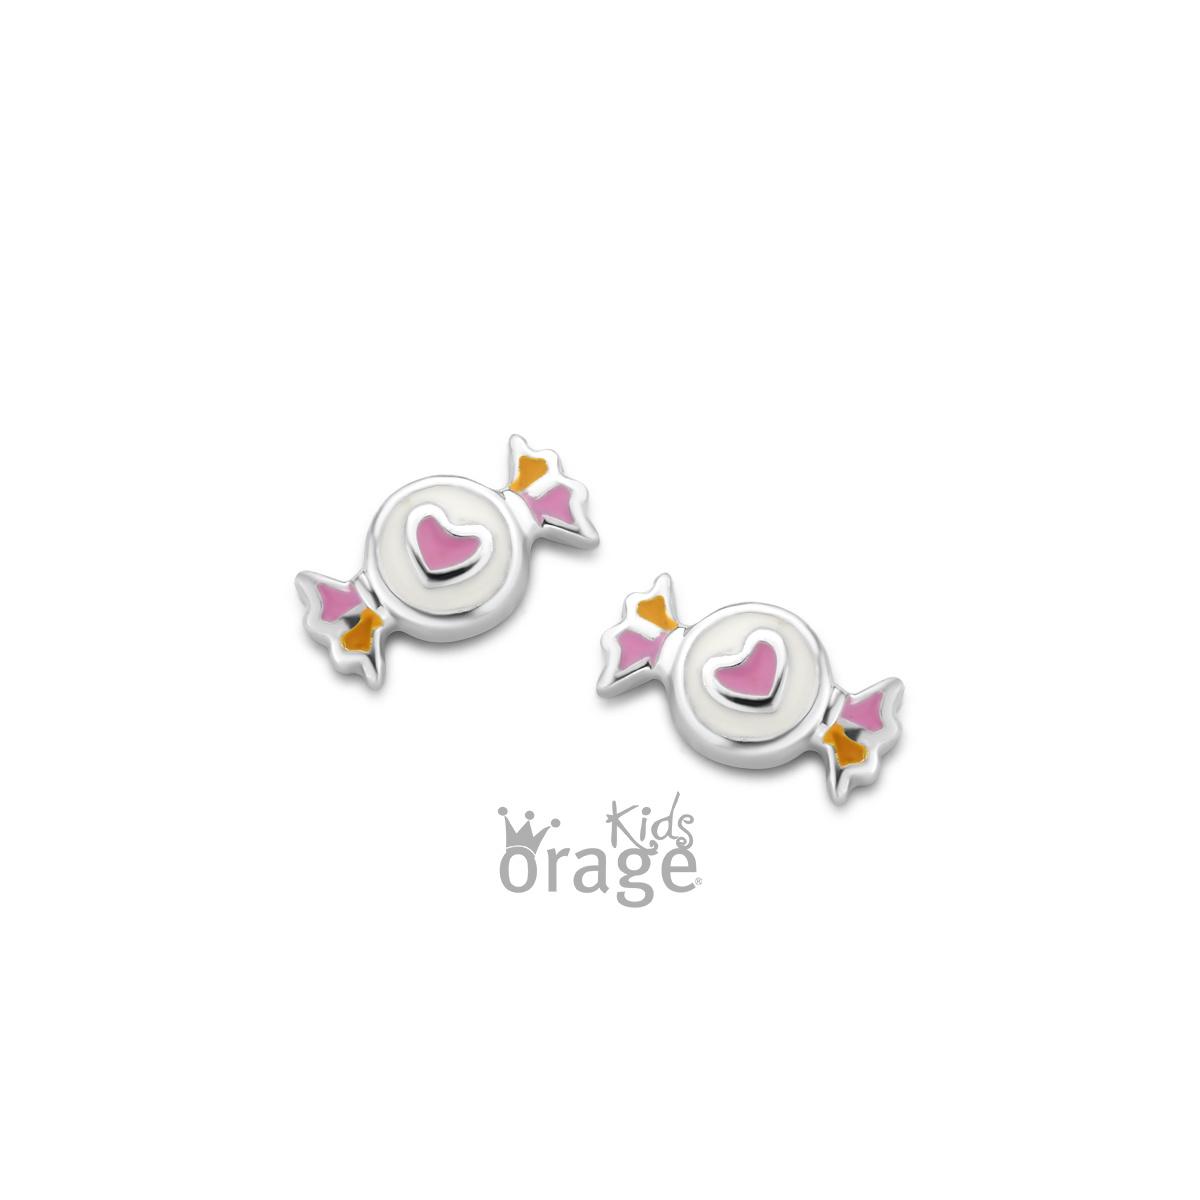 Orage kids Oorringen snoepje roze geel 925 rh